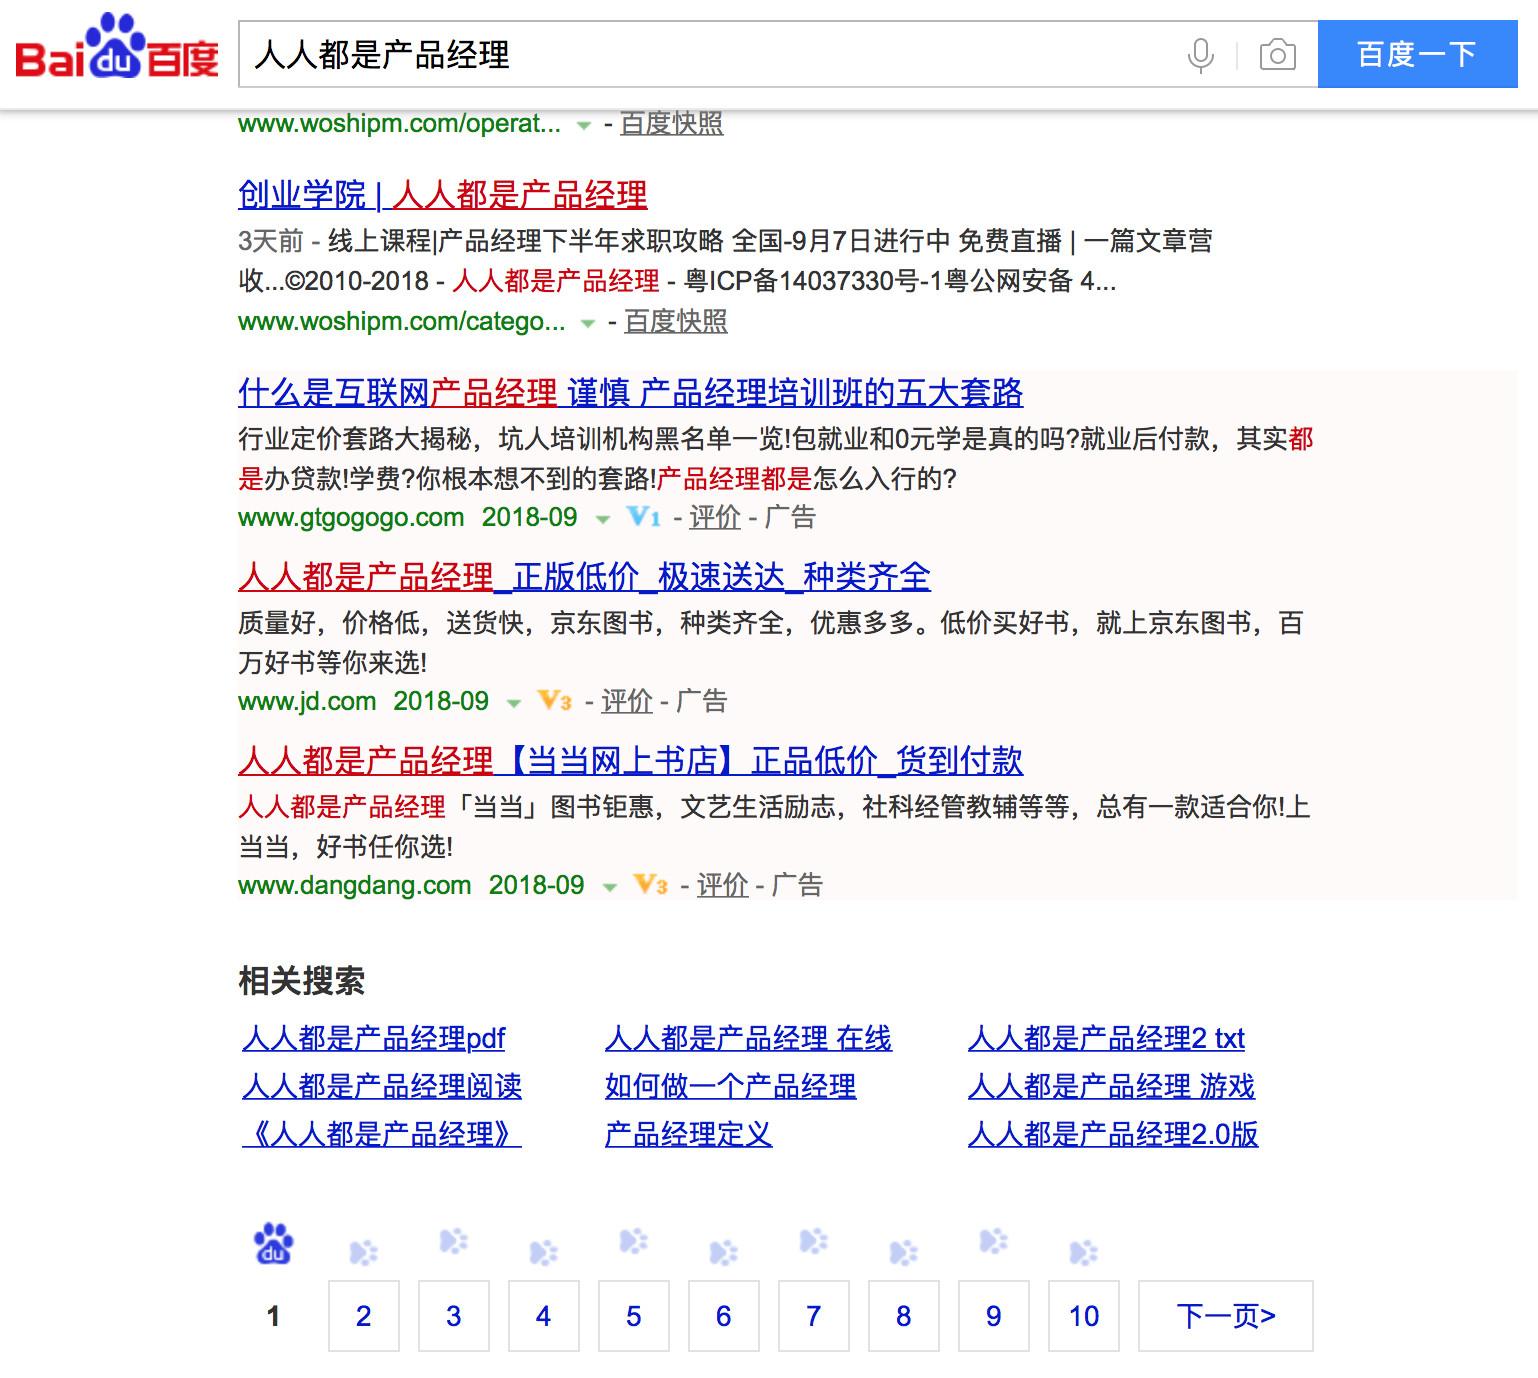 百度 · 搜索结果页